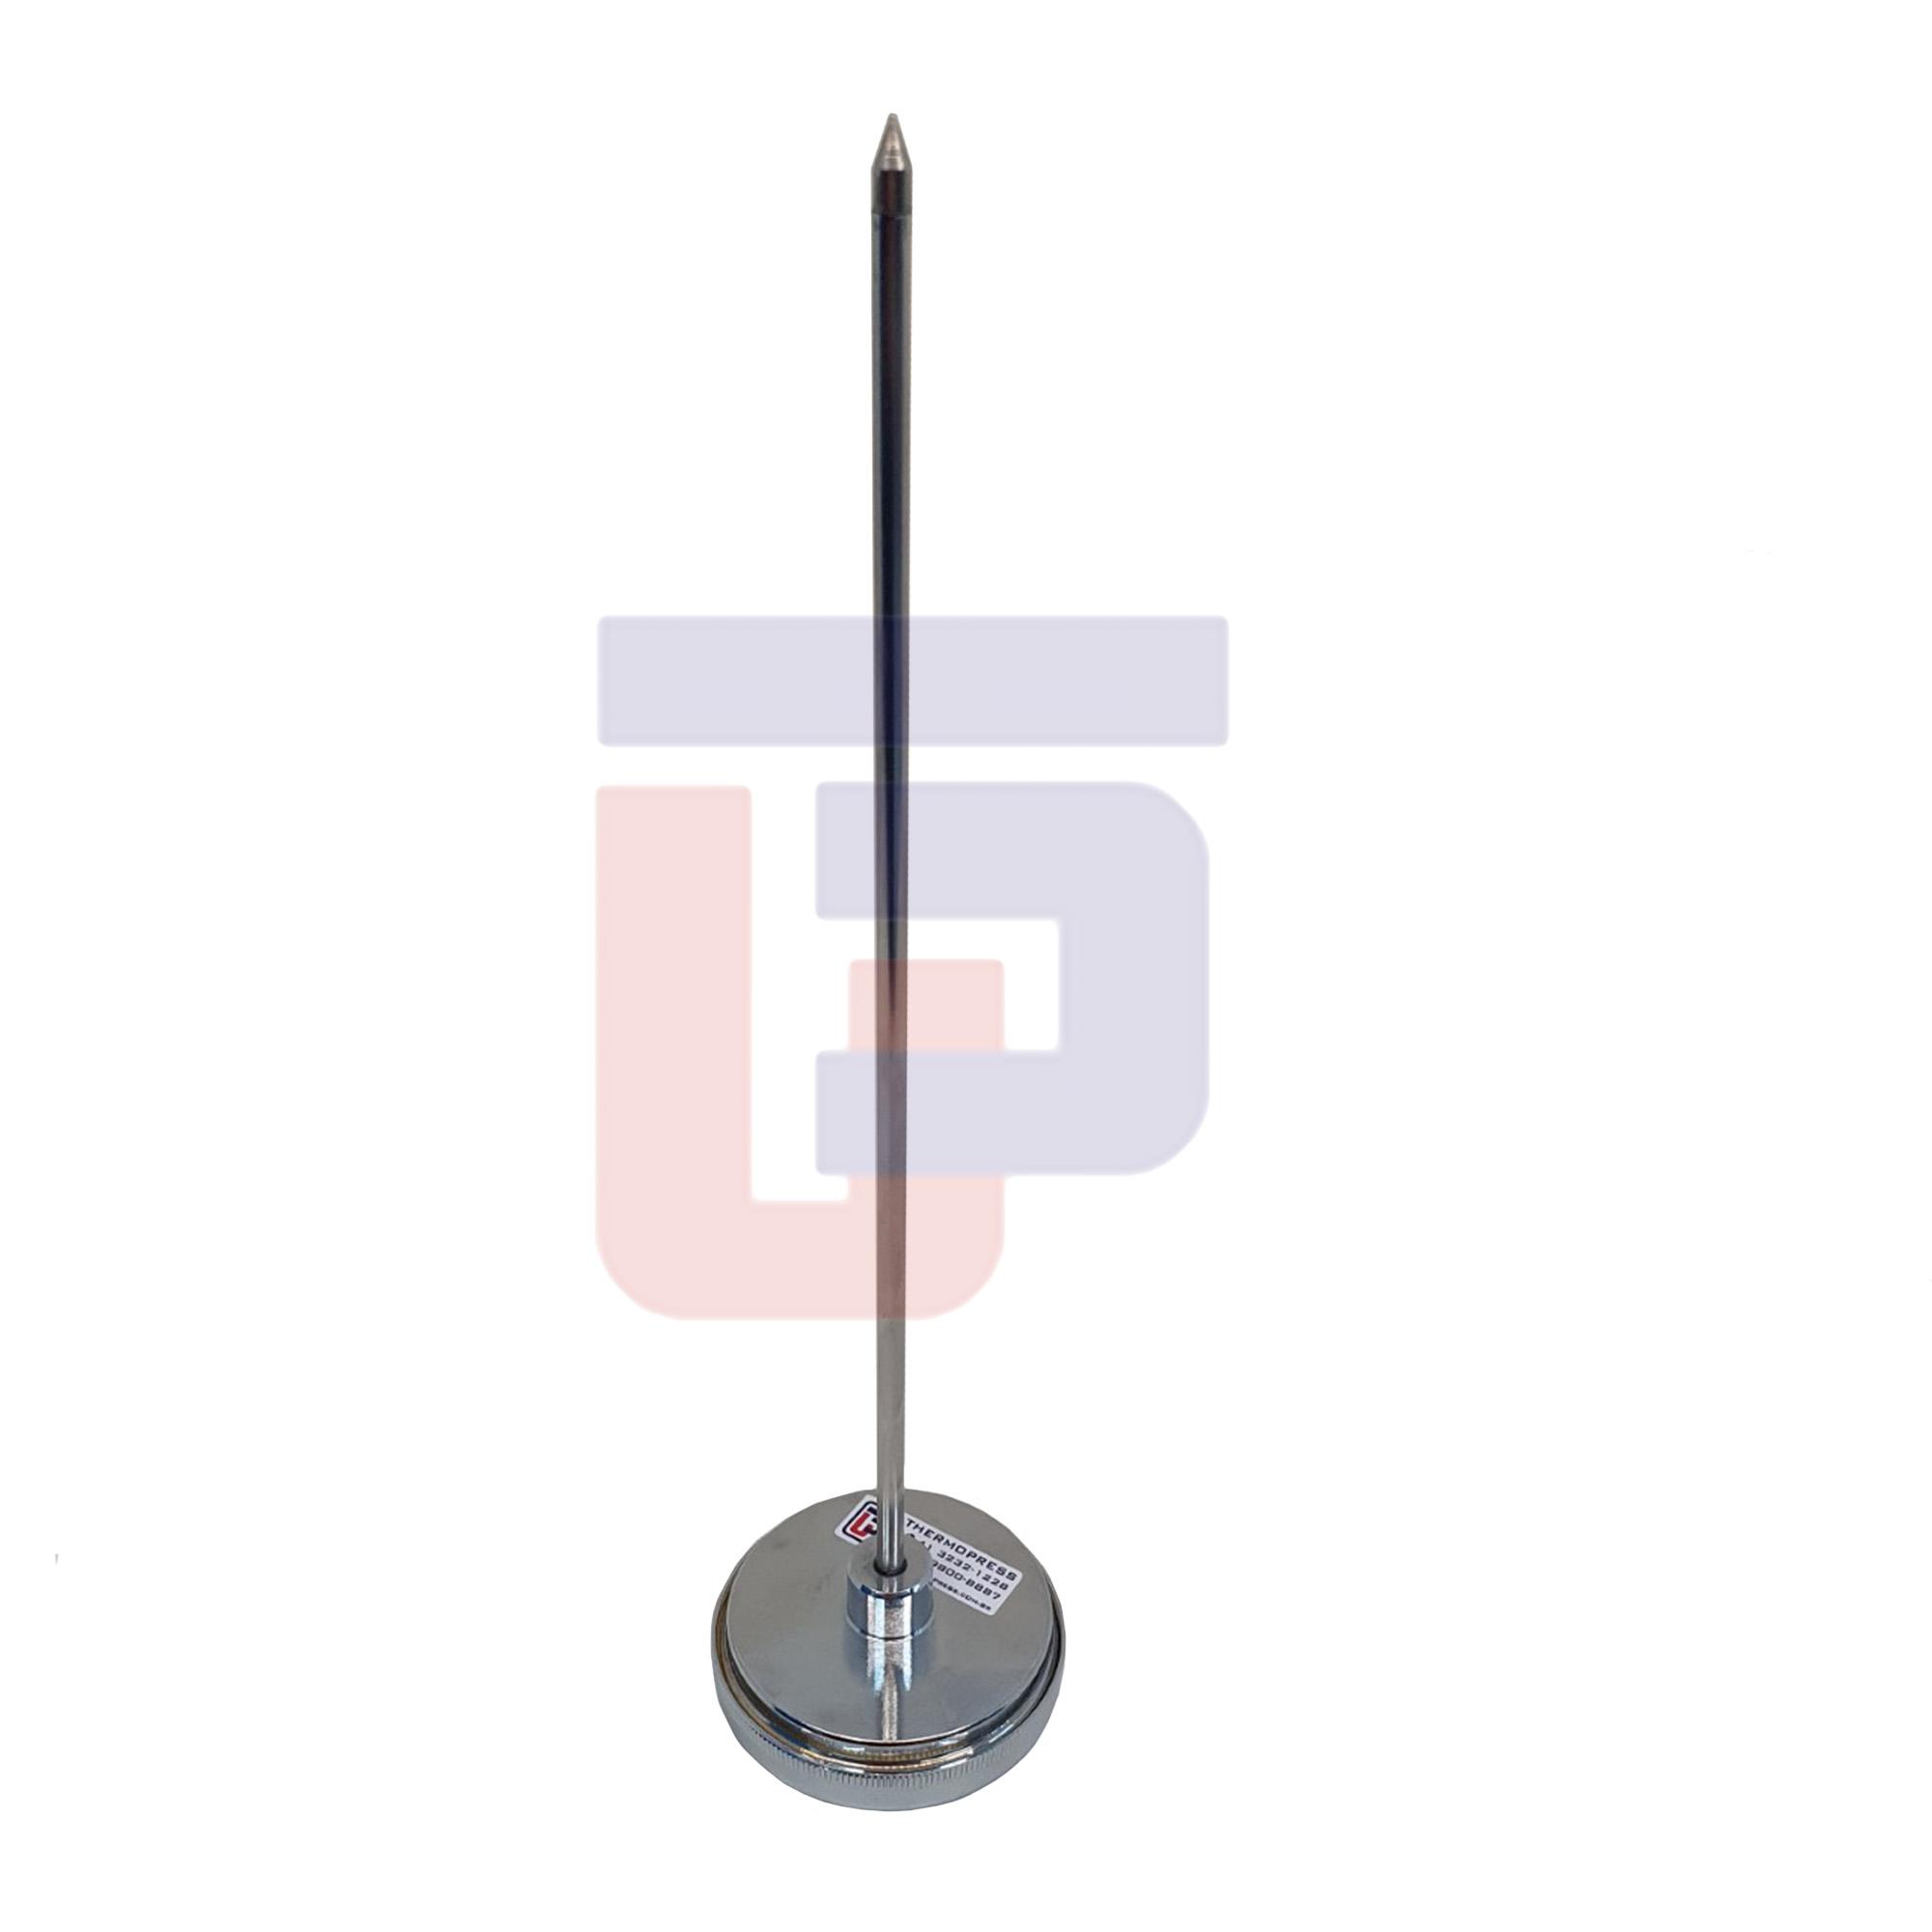 Termômetro  Analógico 0-250°C haste inox 200mm